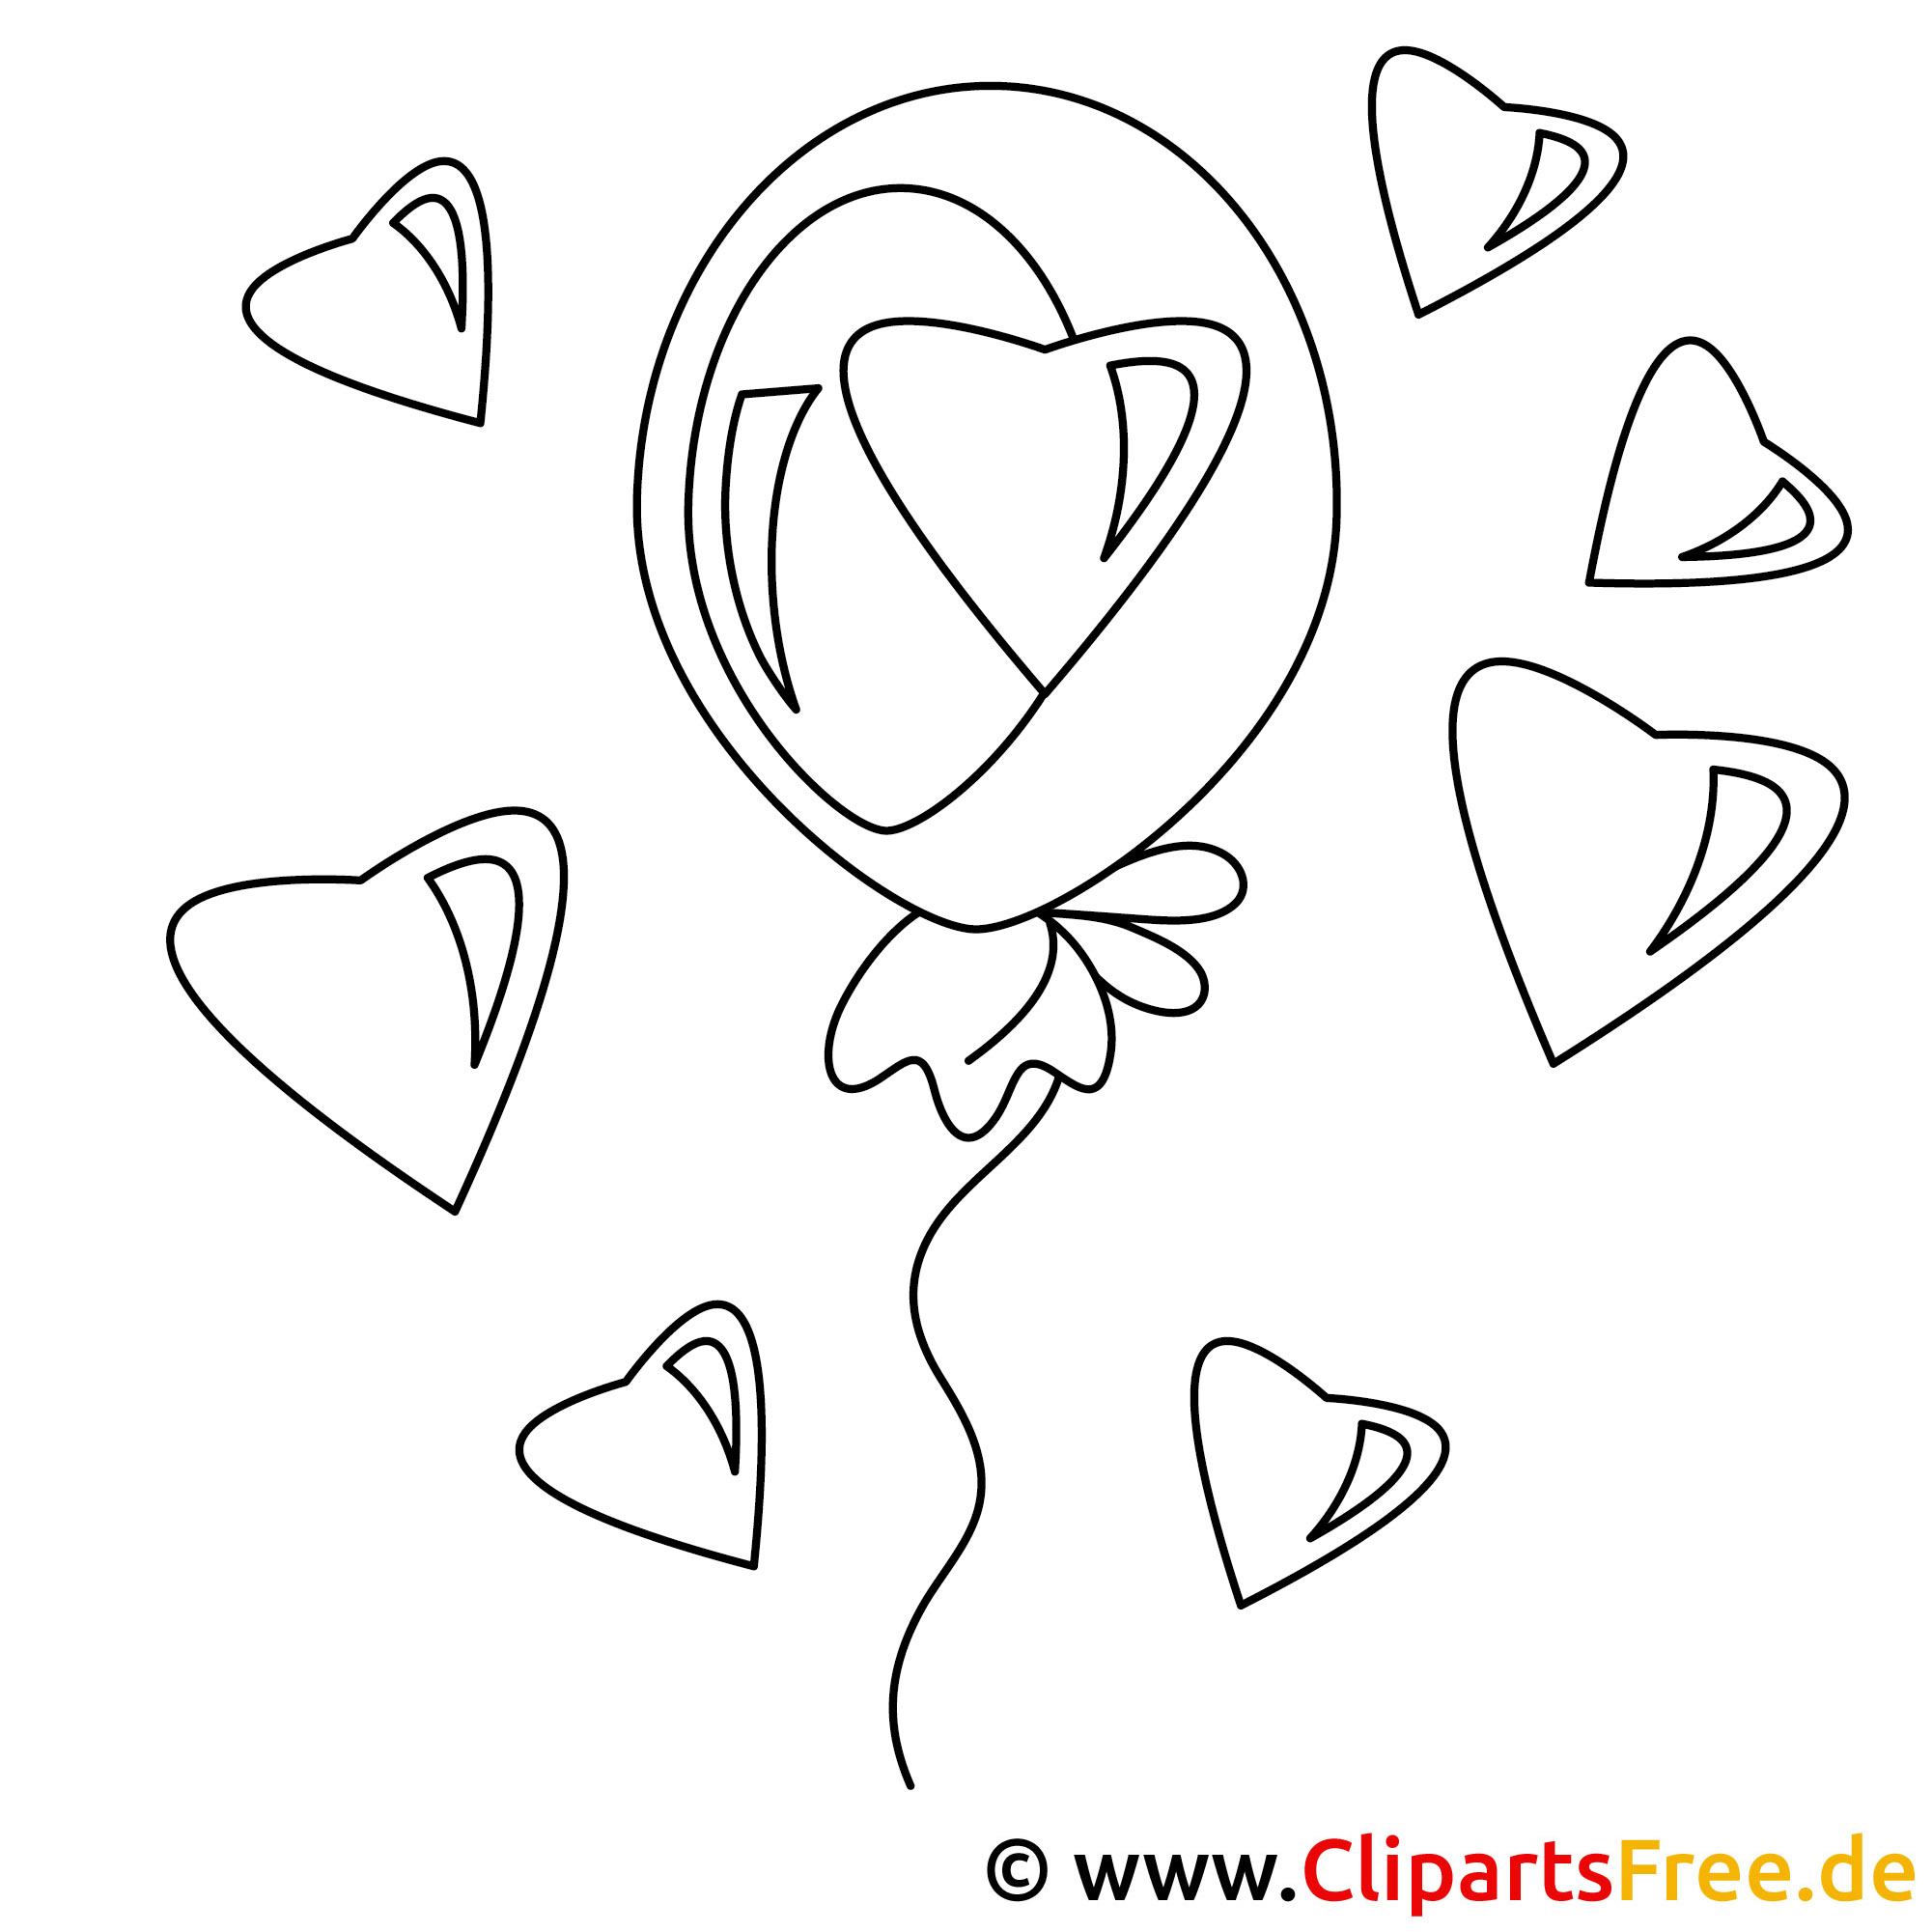 Party zum valentinstag bild zum malen online - Menschen malen lernen kindergarten ...